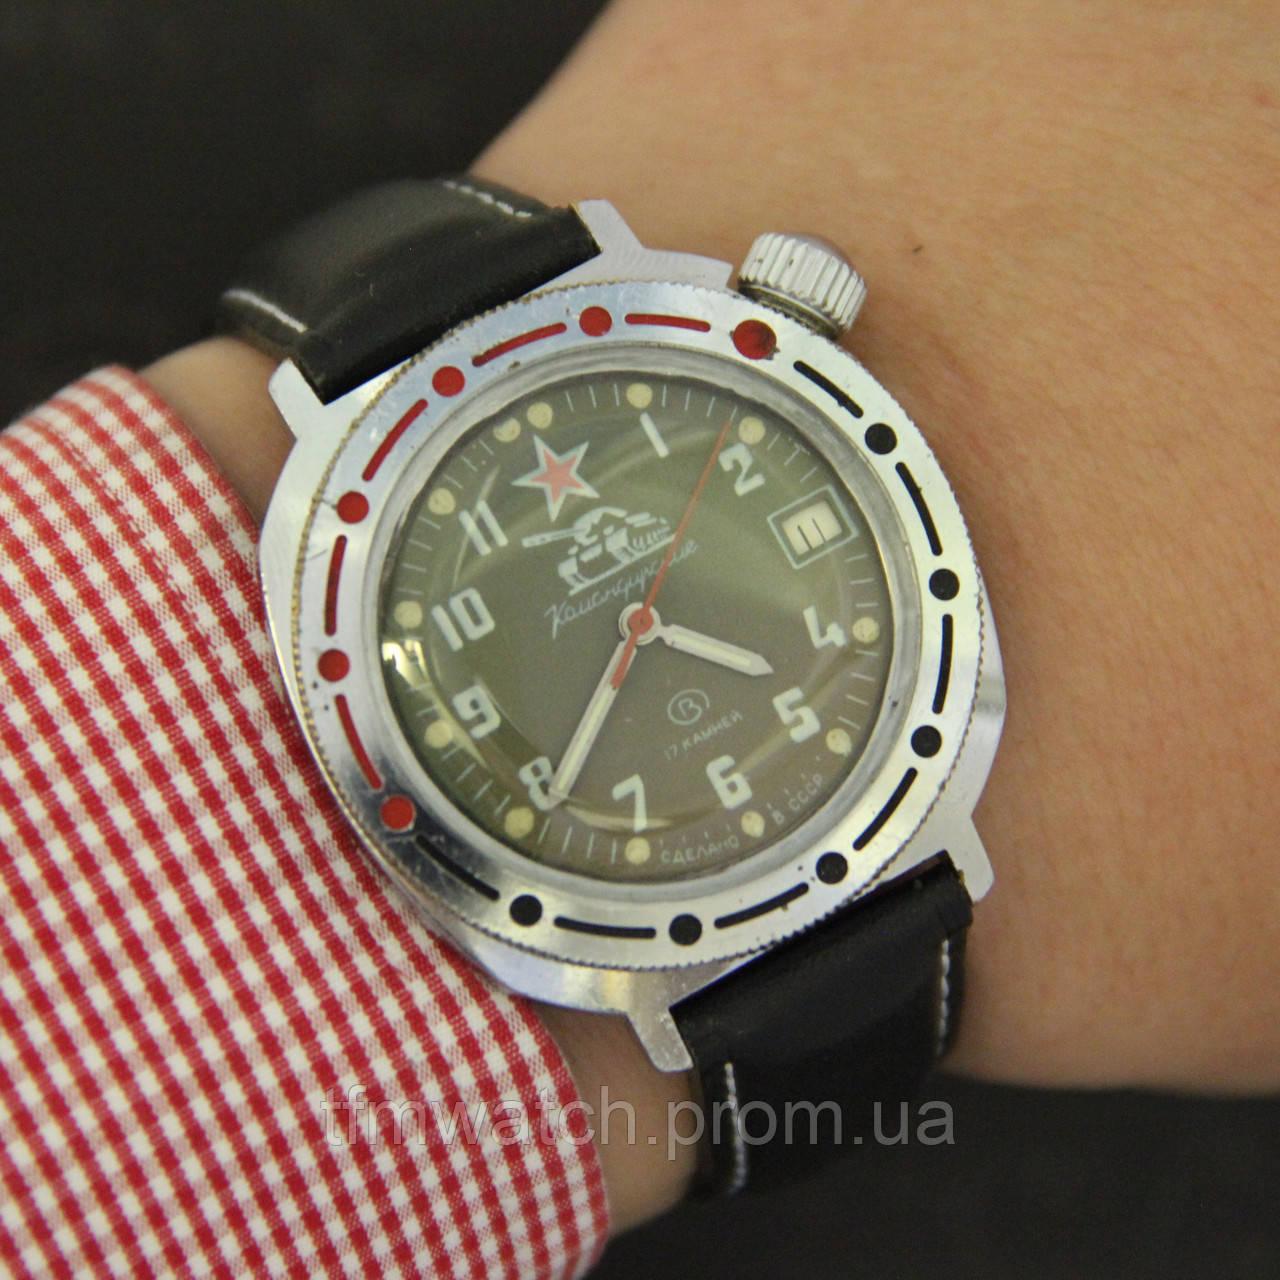 89463fad Командирские Часы Фото Ссср